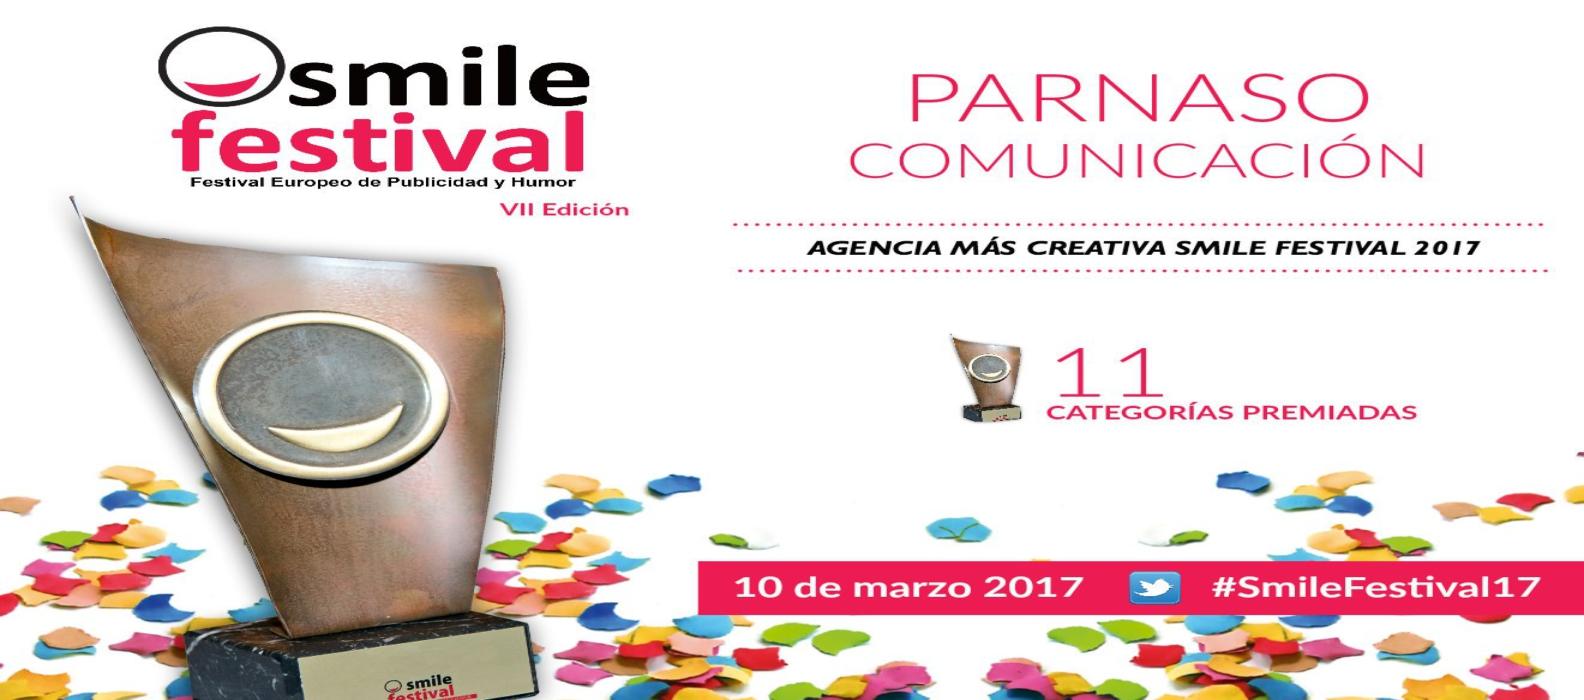 """Parnaso """"Agencia más creativa"""" en el Smile Festival Europeo - Parnaso"""